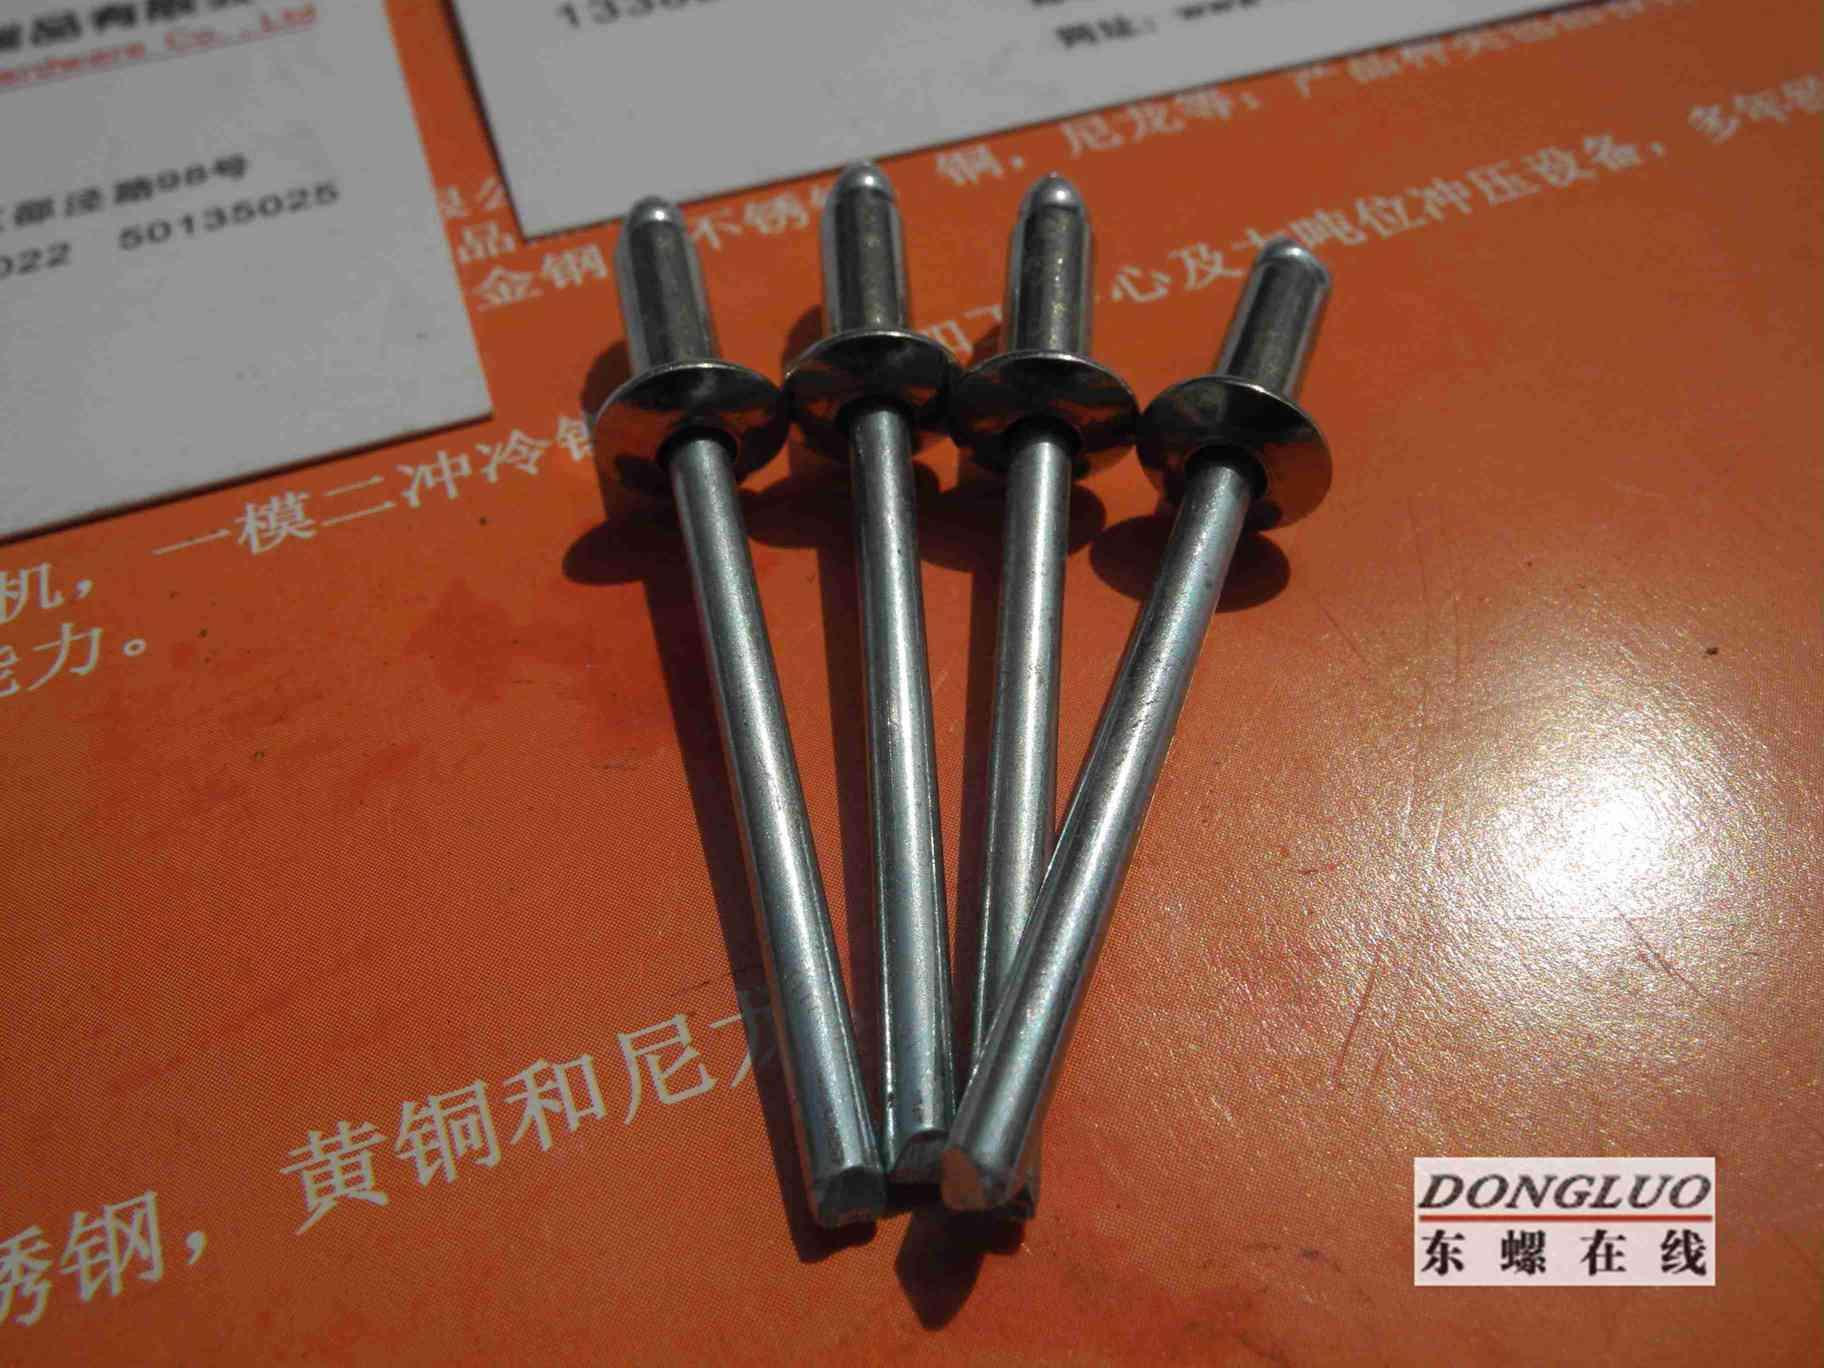 A2-DIN7504N十字盤頭鉆尾釘三角自攻螺絲設計標準